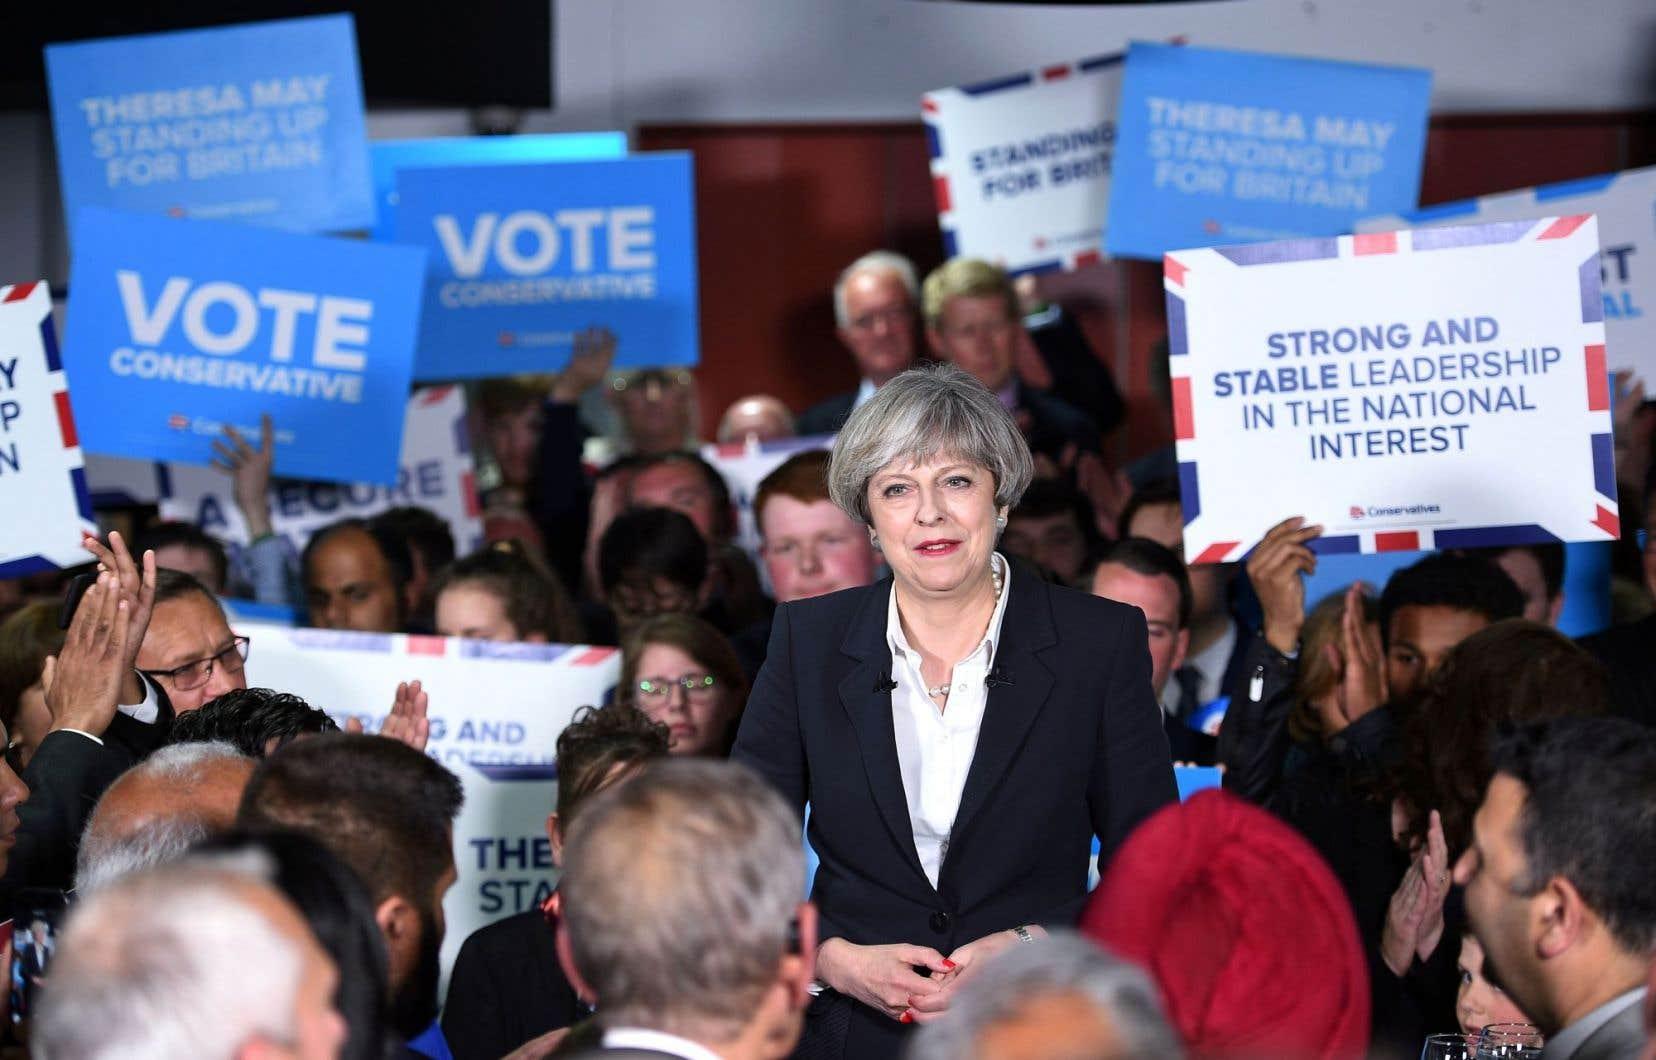 La première ministre sortante, Theresa May, a vu sa popularité fléchir dans les sondages.